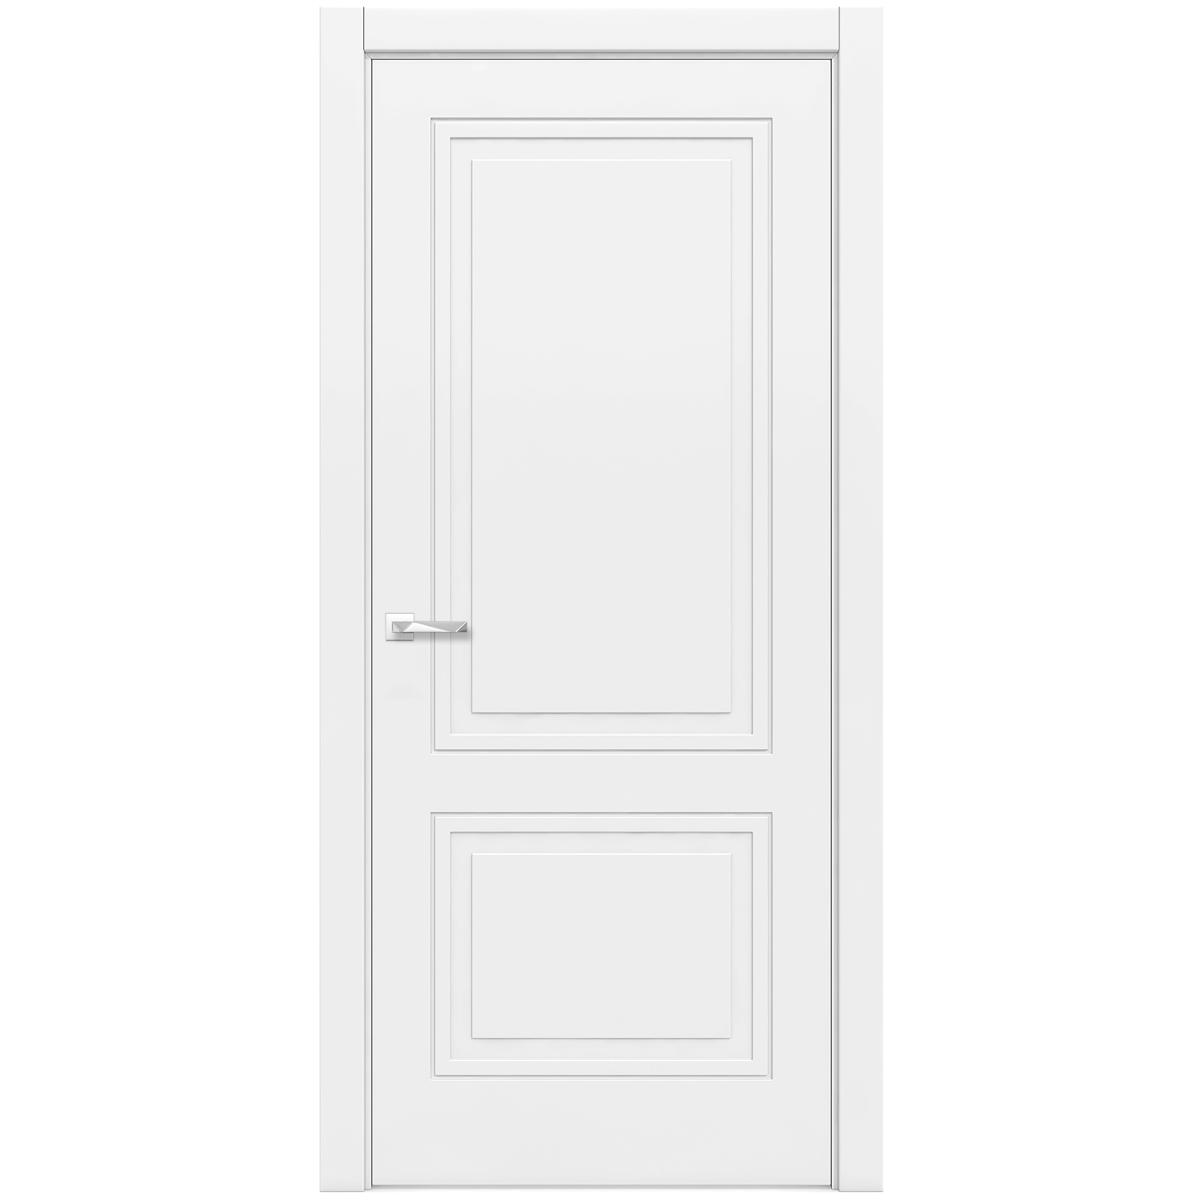 Дверное полотно Loyard Париж МП_0352 2000х800х44 мм МДФ